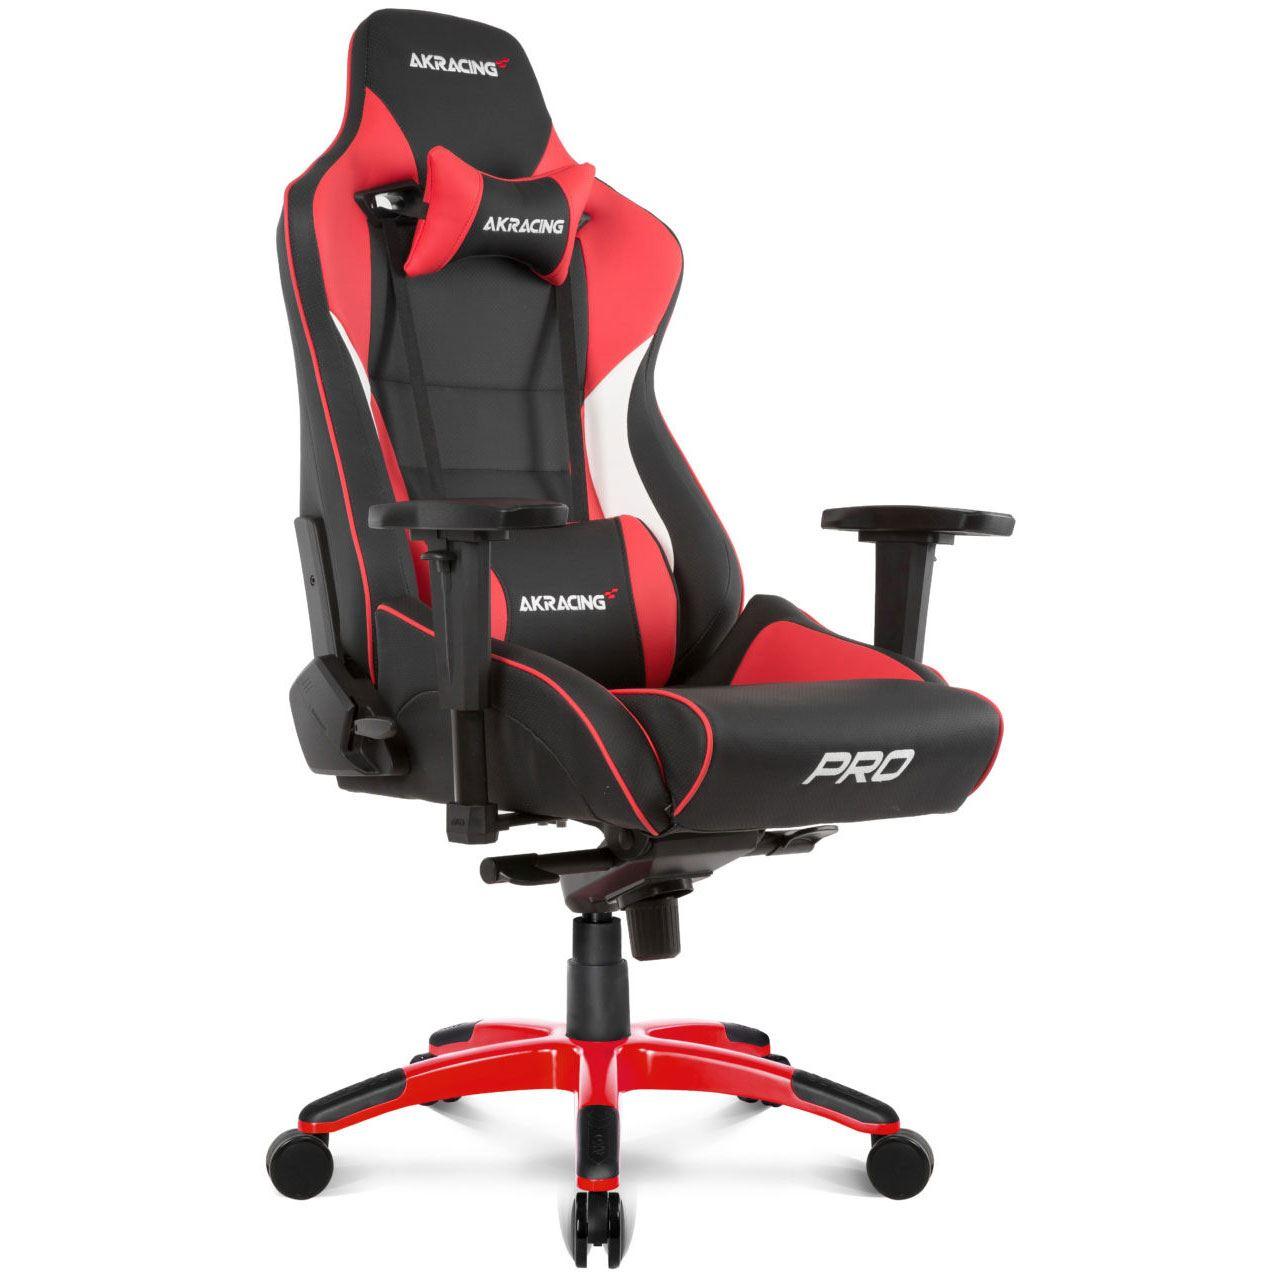 Gaming Racing Rot Stuhl Pro Ak Master 4cjAqS5L3R